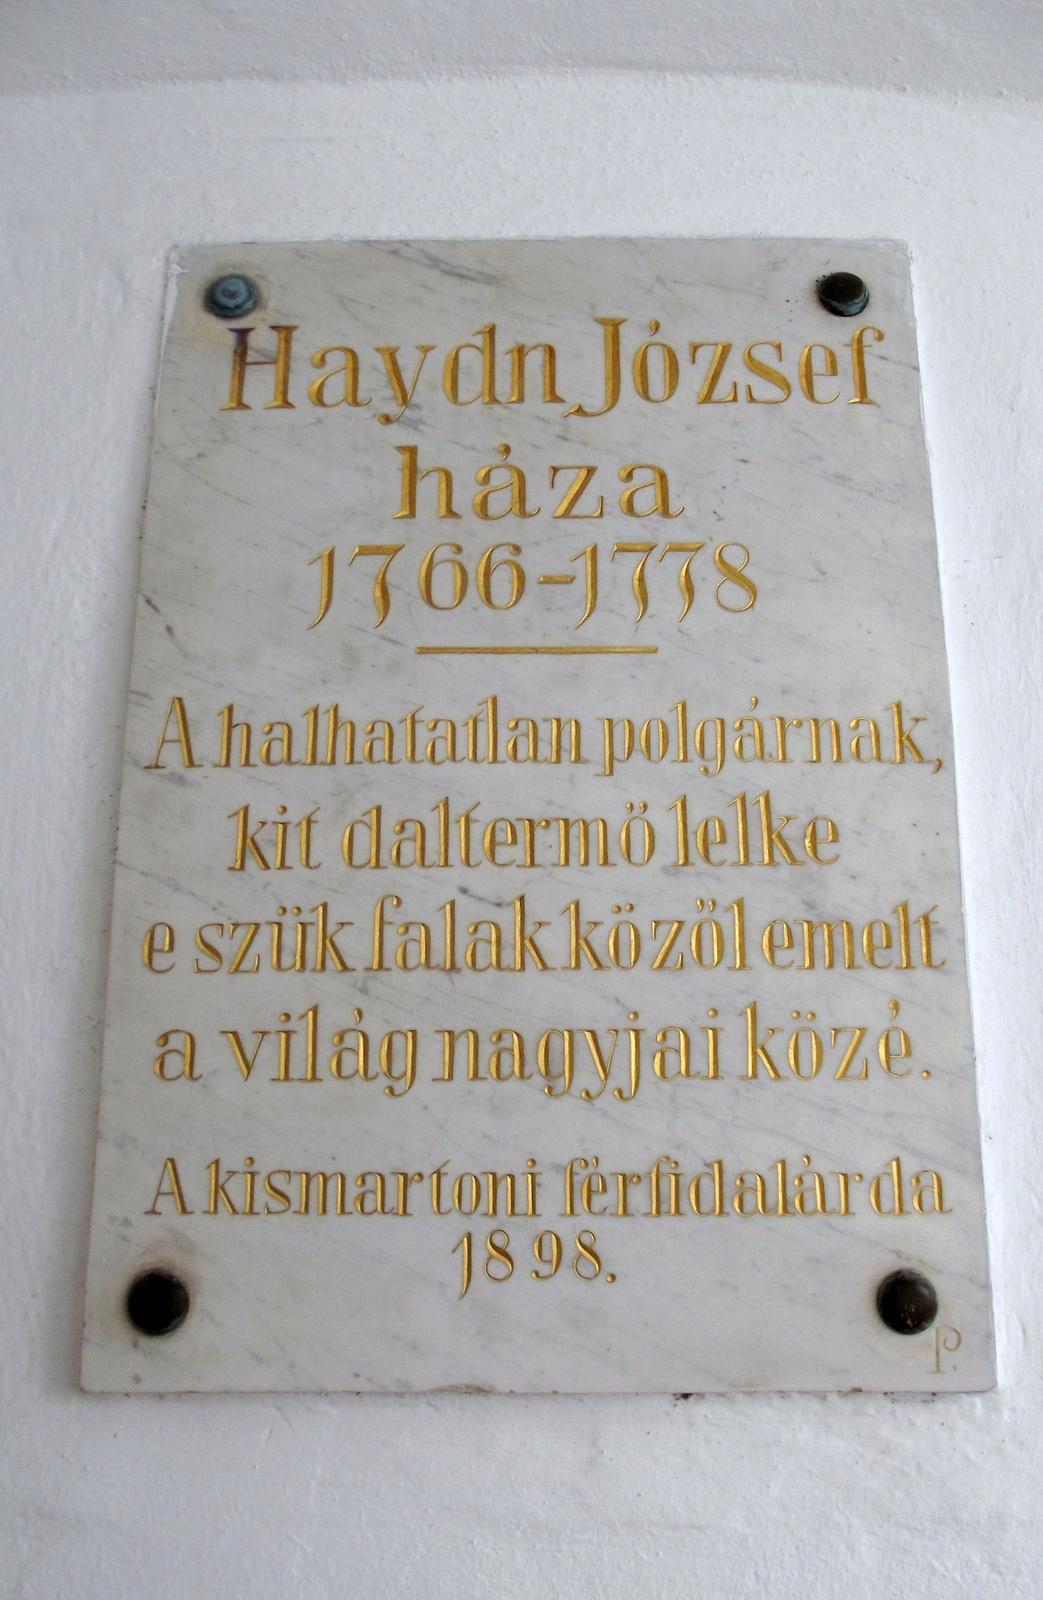 Haydn emléktábla